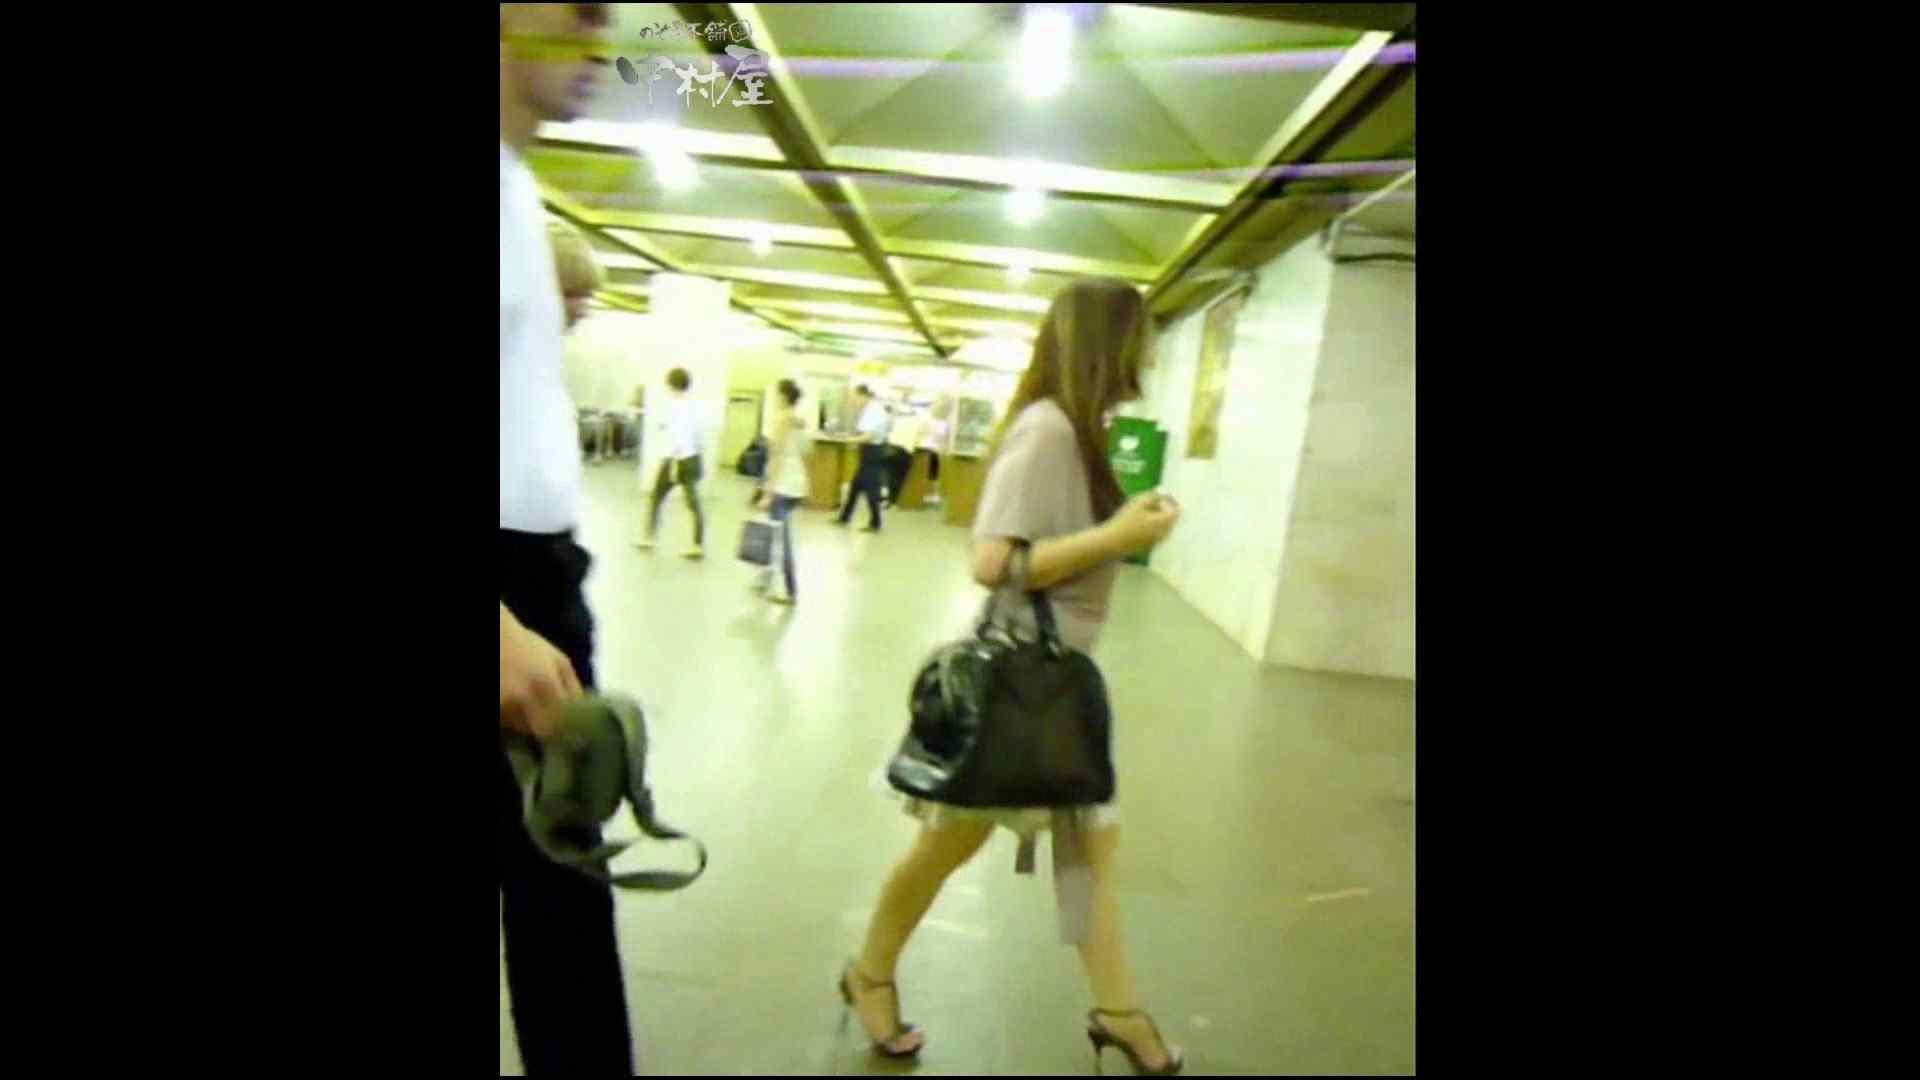 綺麗なモデルさんのスカート捲っちゃおう‼ vol28 お姉さんのエロ動画 | 0  111PIX 105